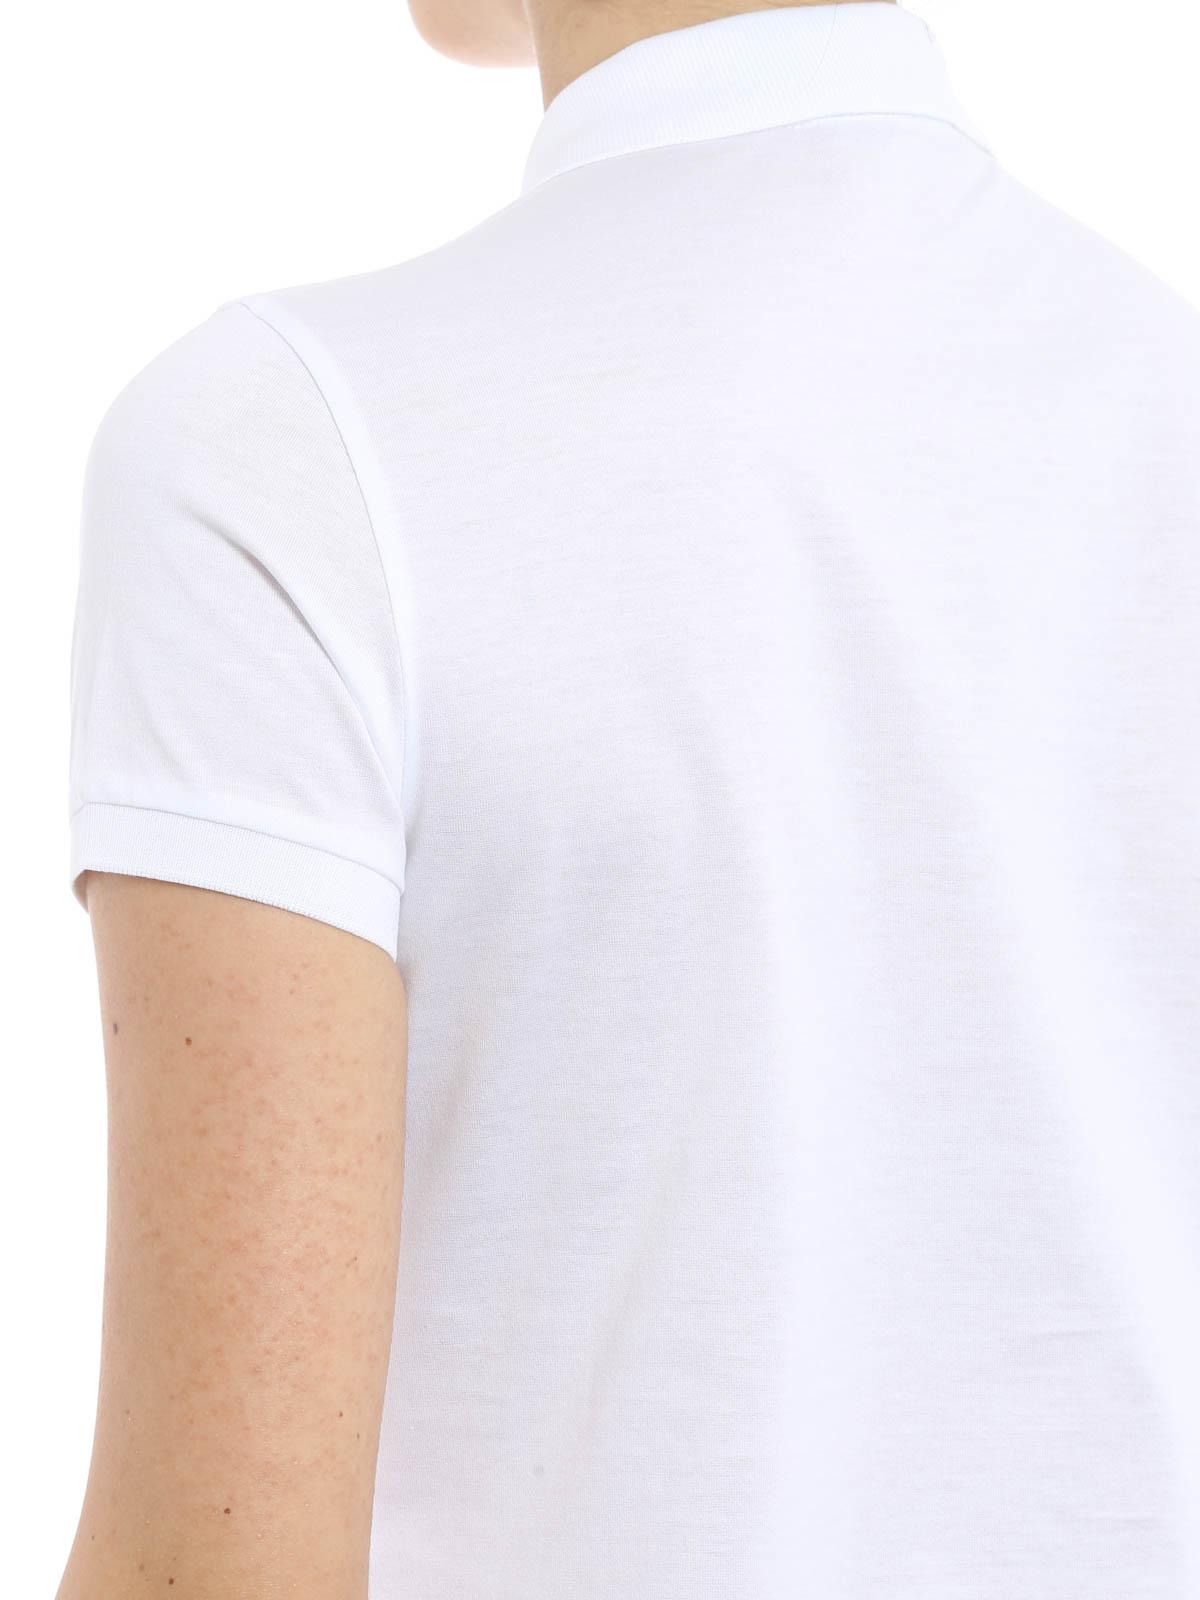 newest 2d1a4 c083c Ralph Lauren - Poloshirt Fur Damen - Weiß - Poloshirts ...